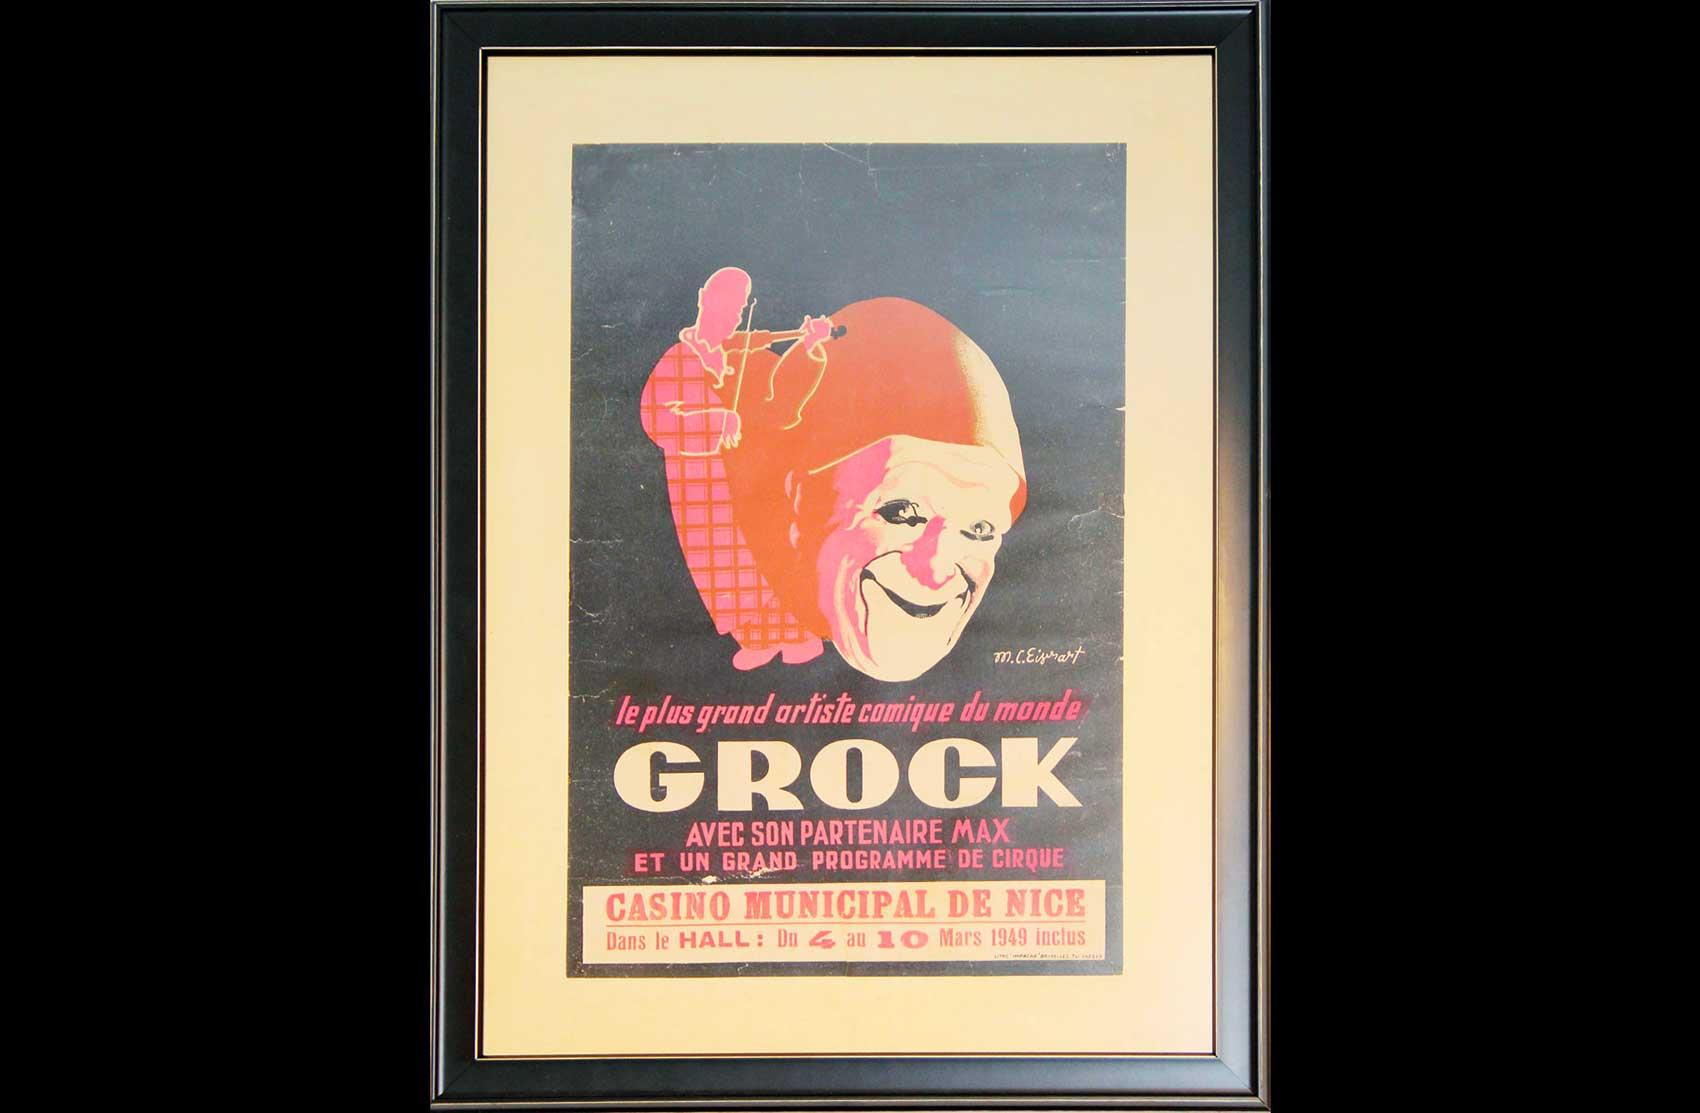 Affiche dello spettacolo di Grock nel 1949 a Nizza